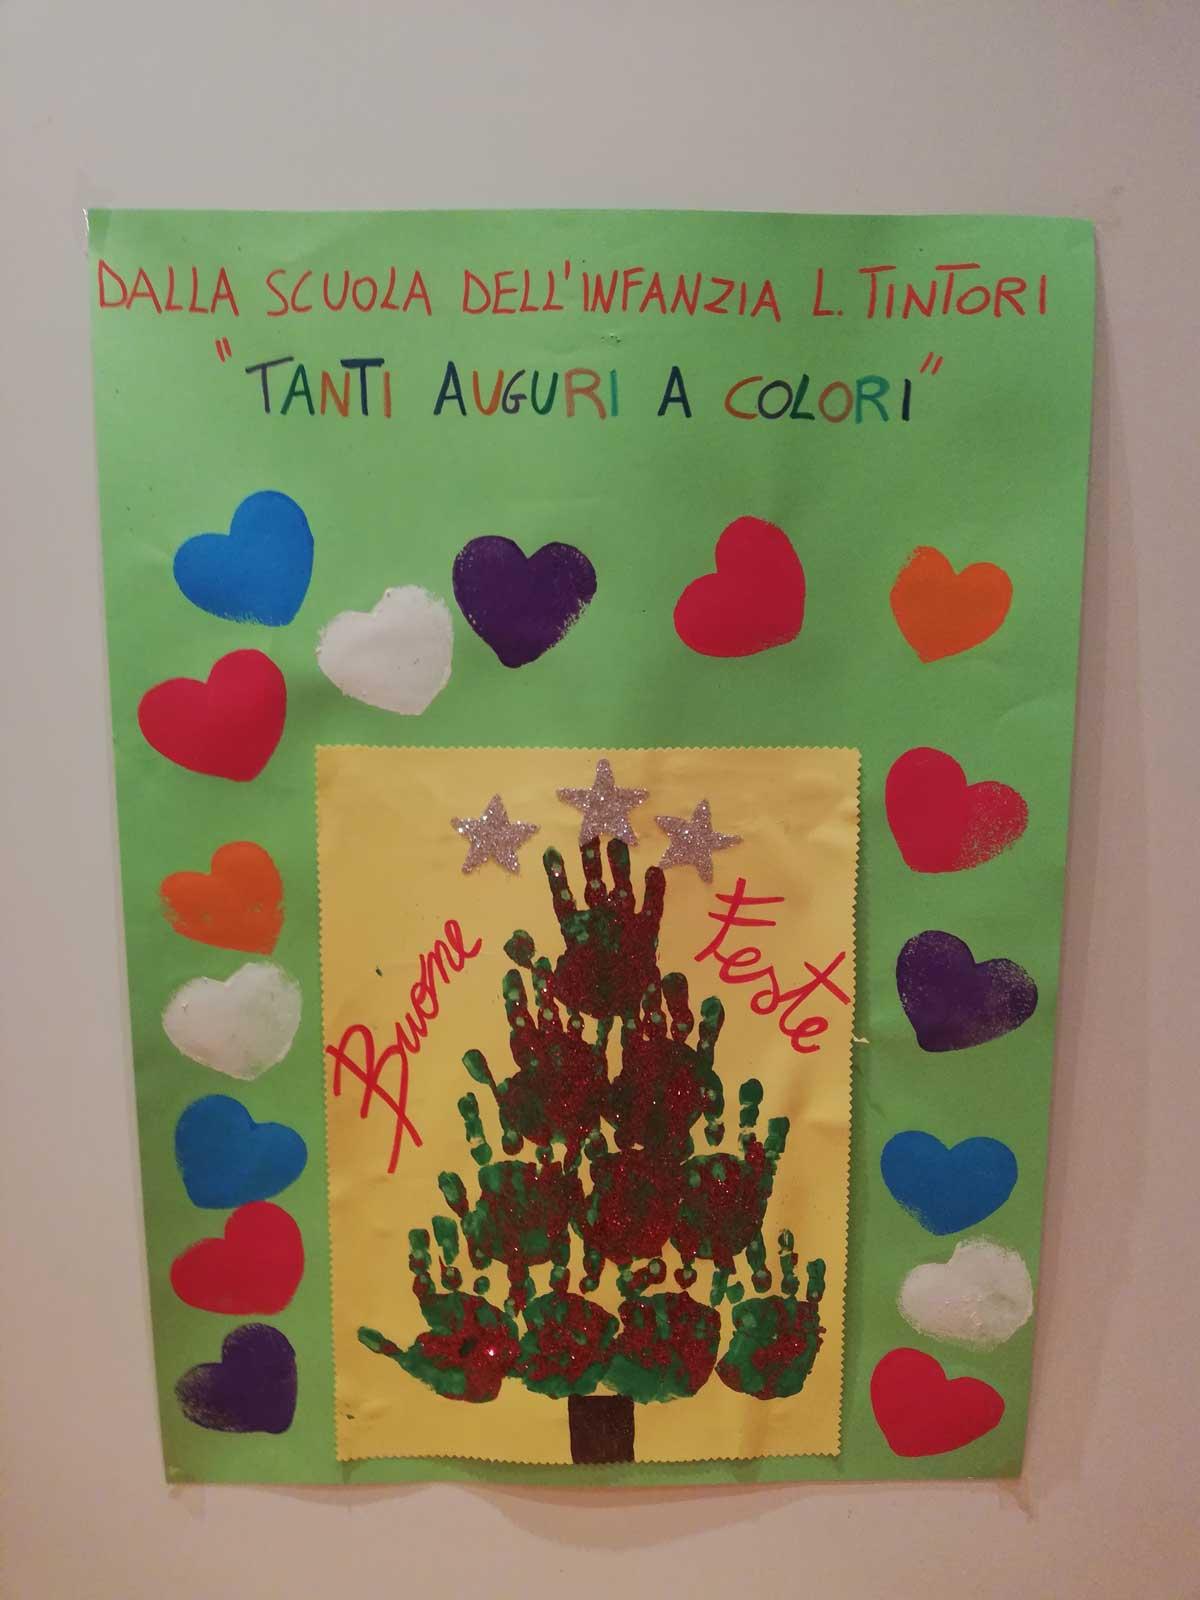 176.-Tanti-auguri-a-colori_Classe-I-A-Scuola-dell'infanzia-L.Tintori